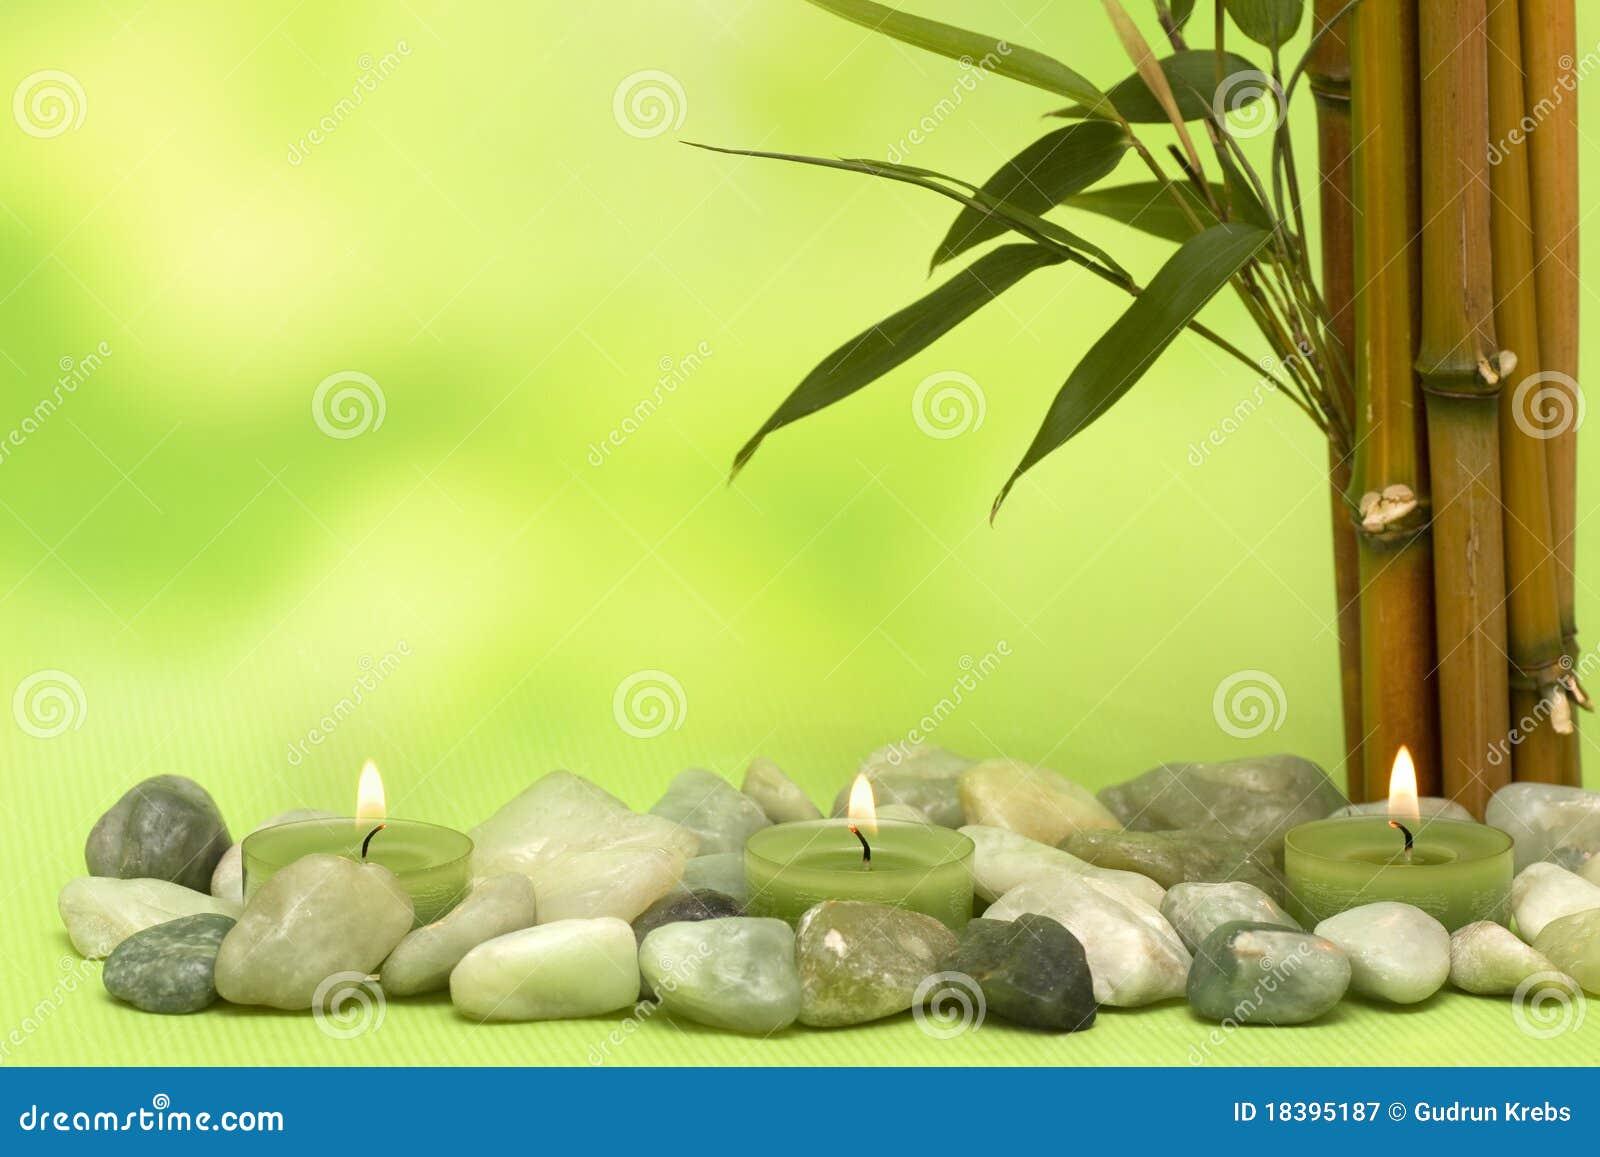 竹子对光检查成为原动力的健康